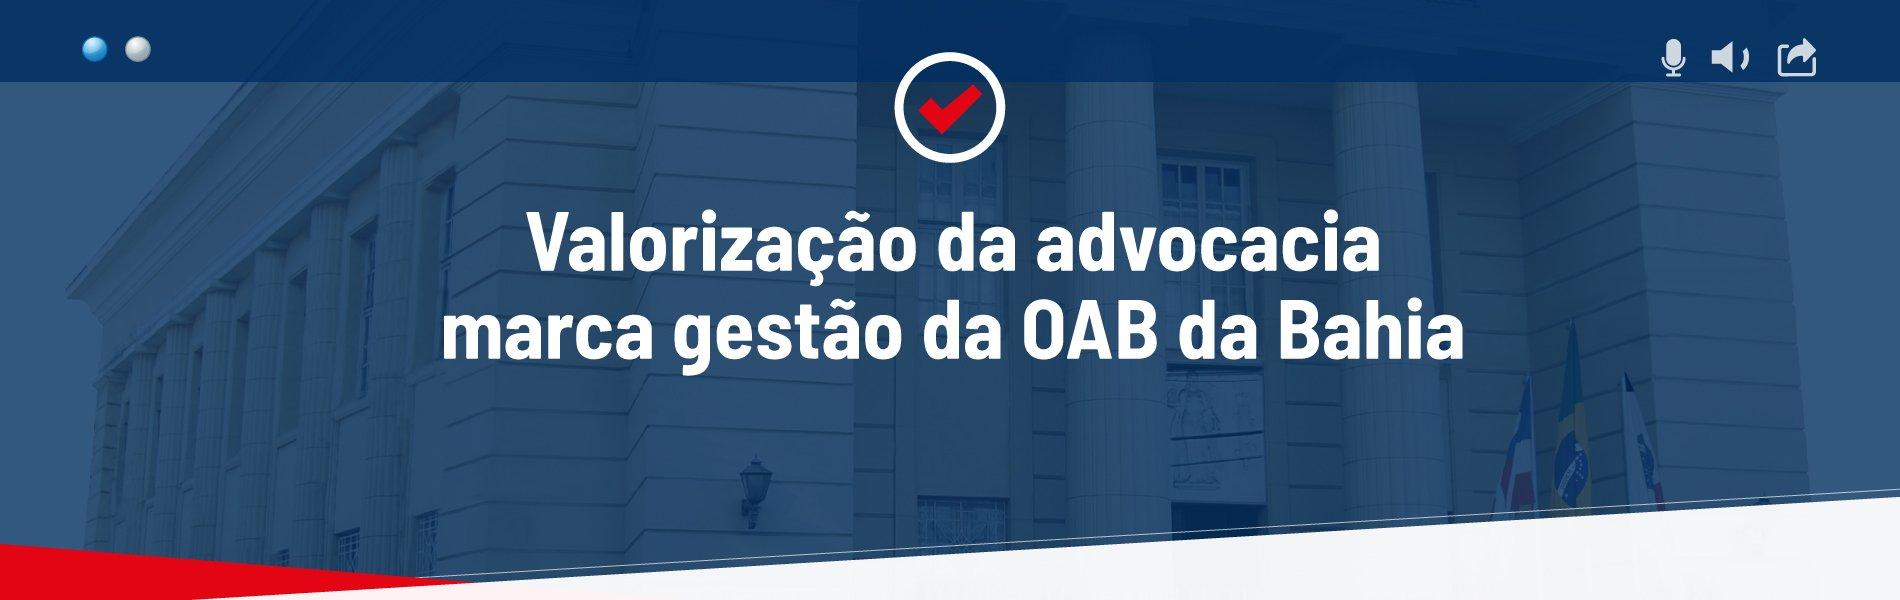 [Valorização da advocacia marca gestão da OAB da Bahia]